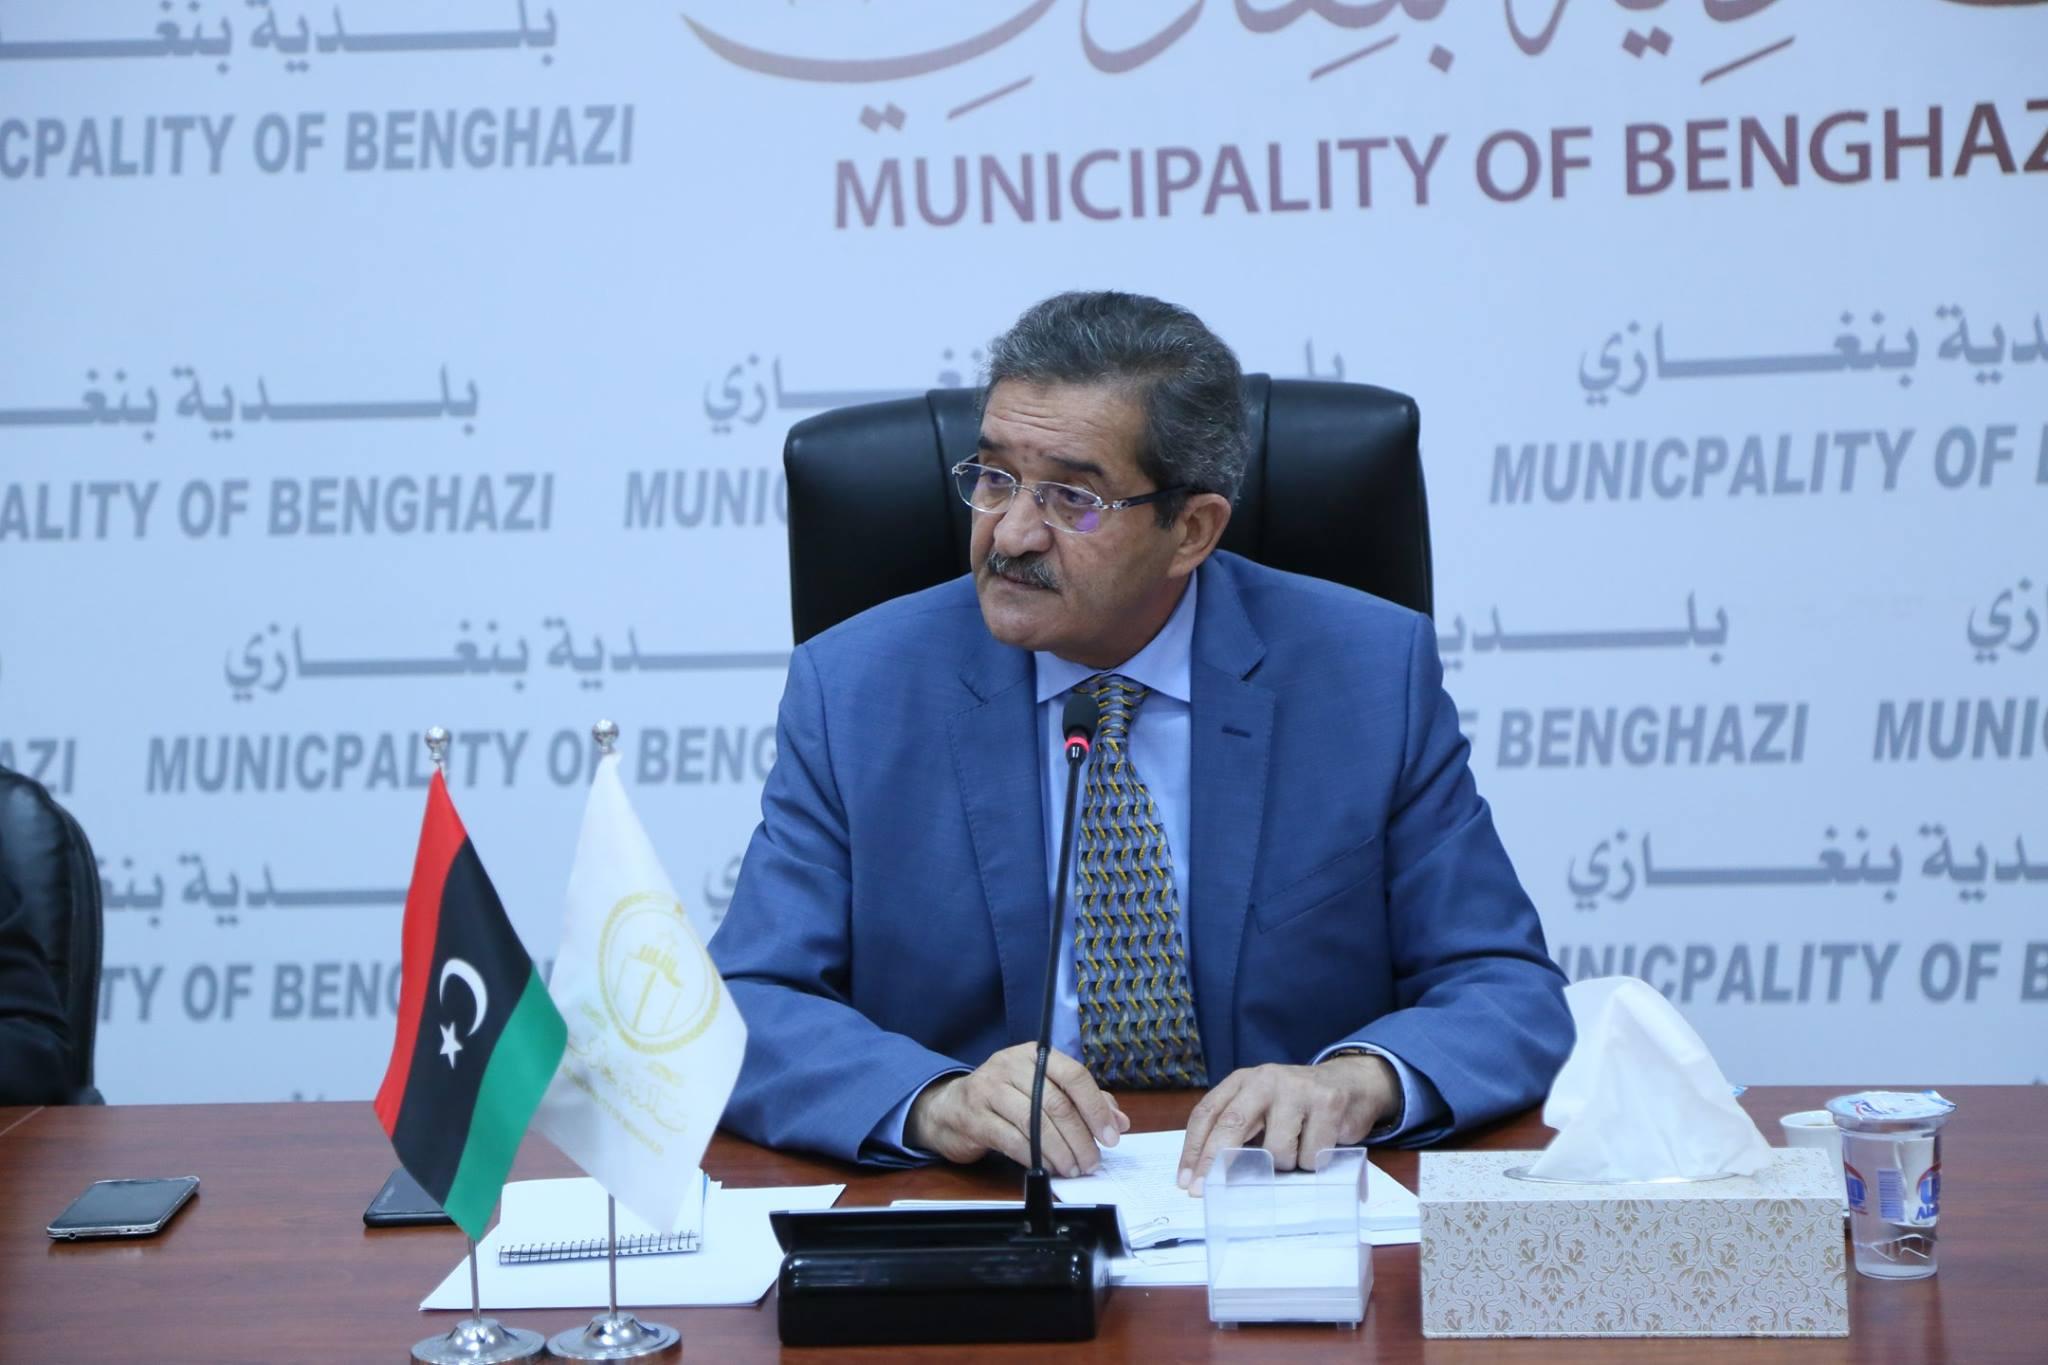 عميد بلدية بنغازي عبدالرحمن العبار